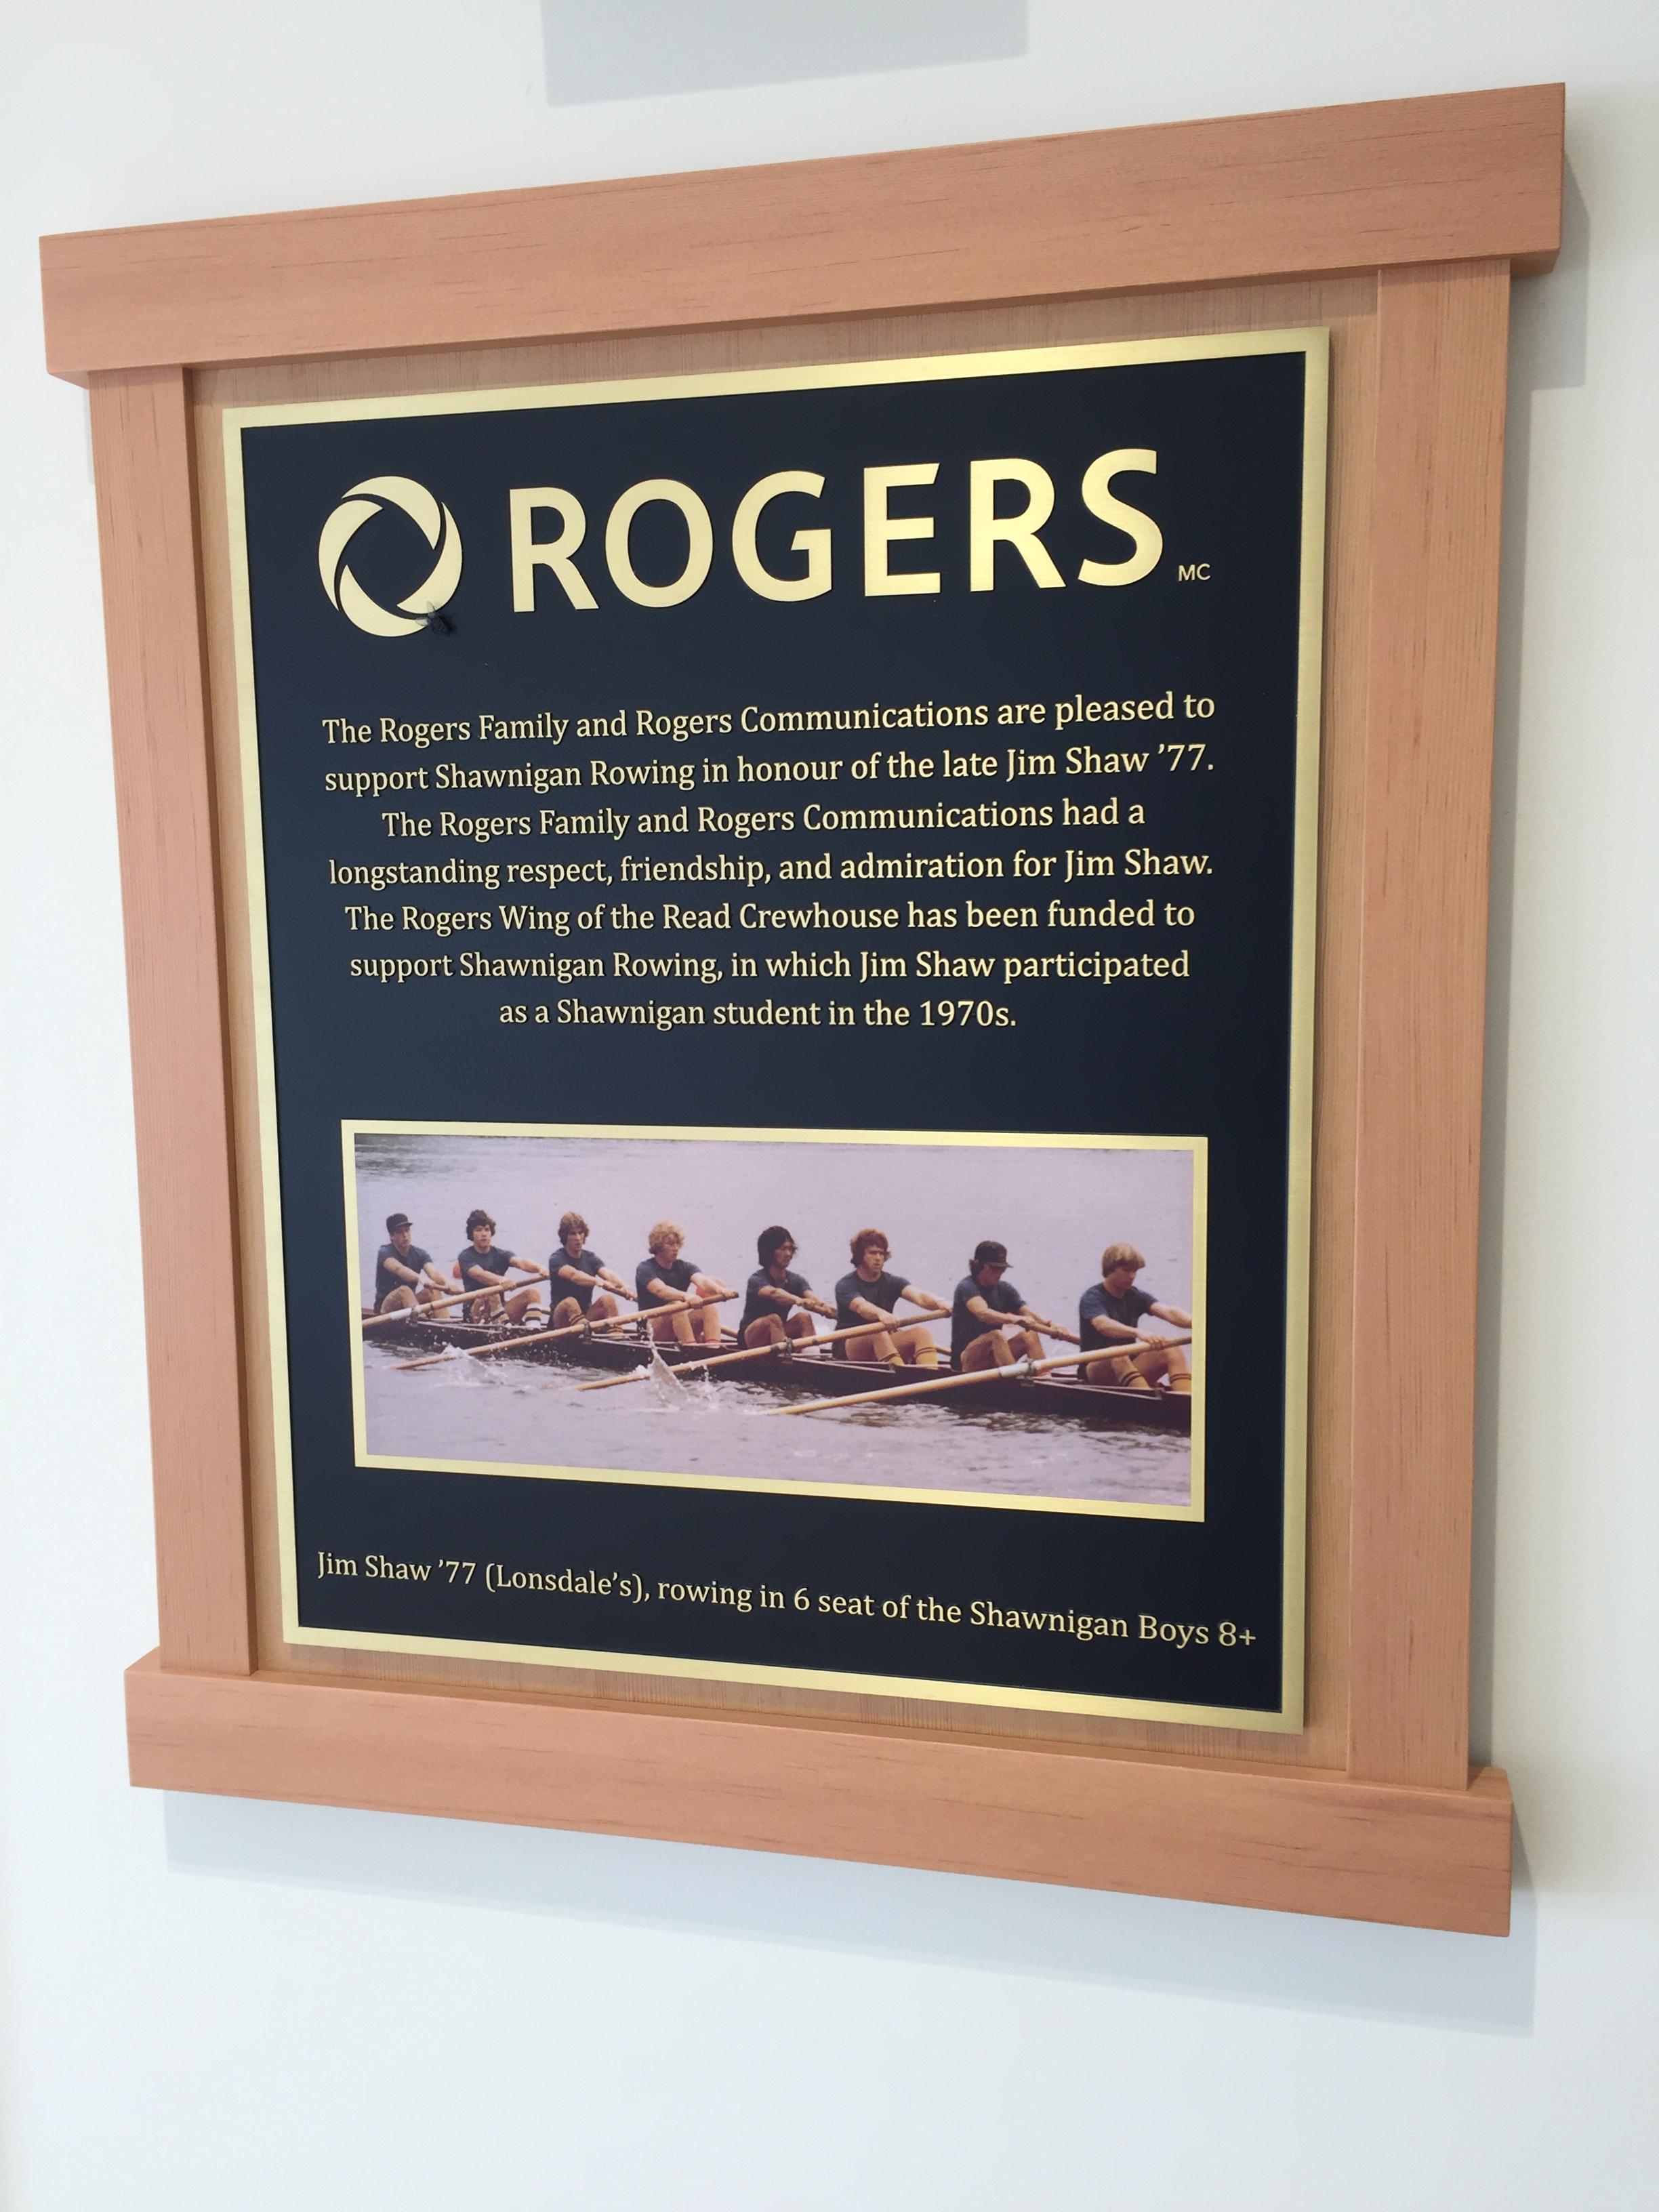 Rogers.jpeg